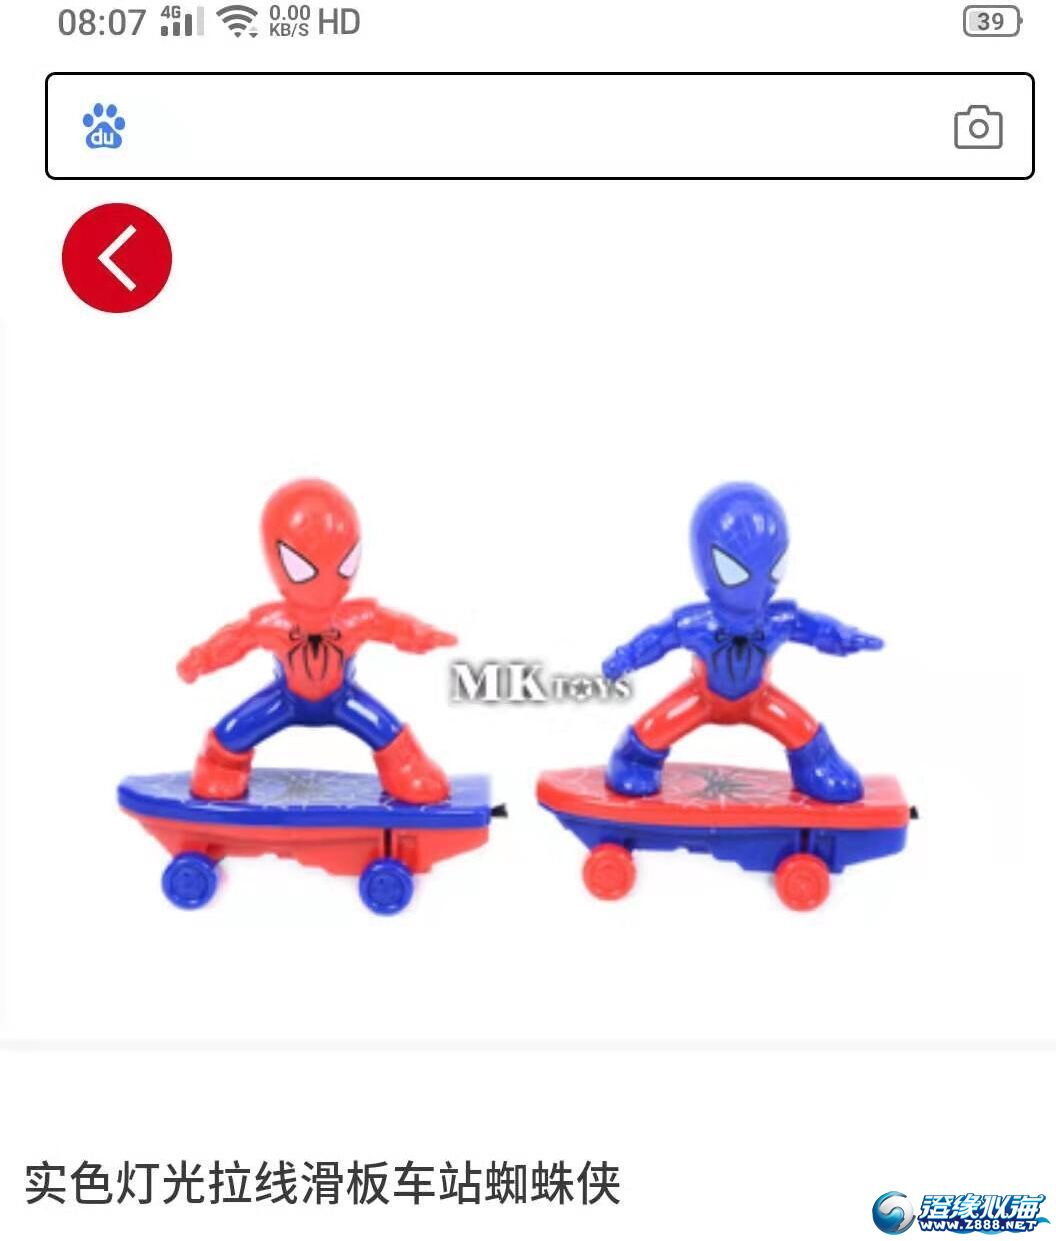 请帮忙找找拉线蜘蛛滑板车